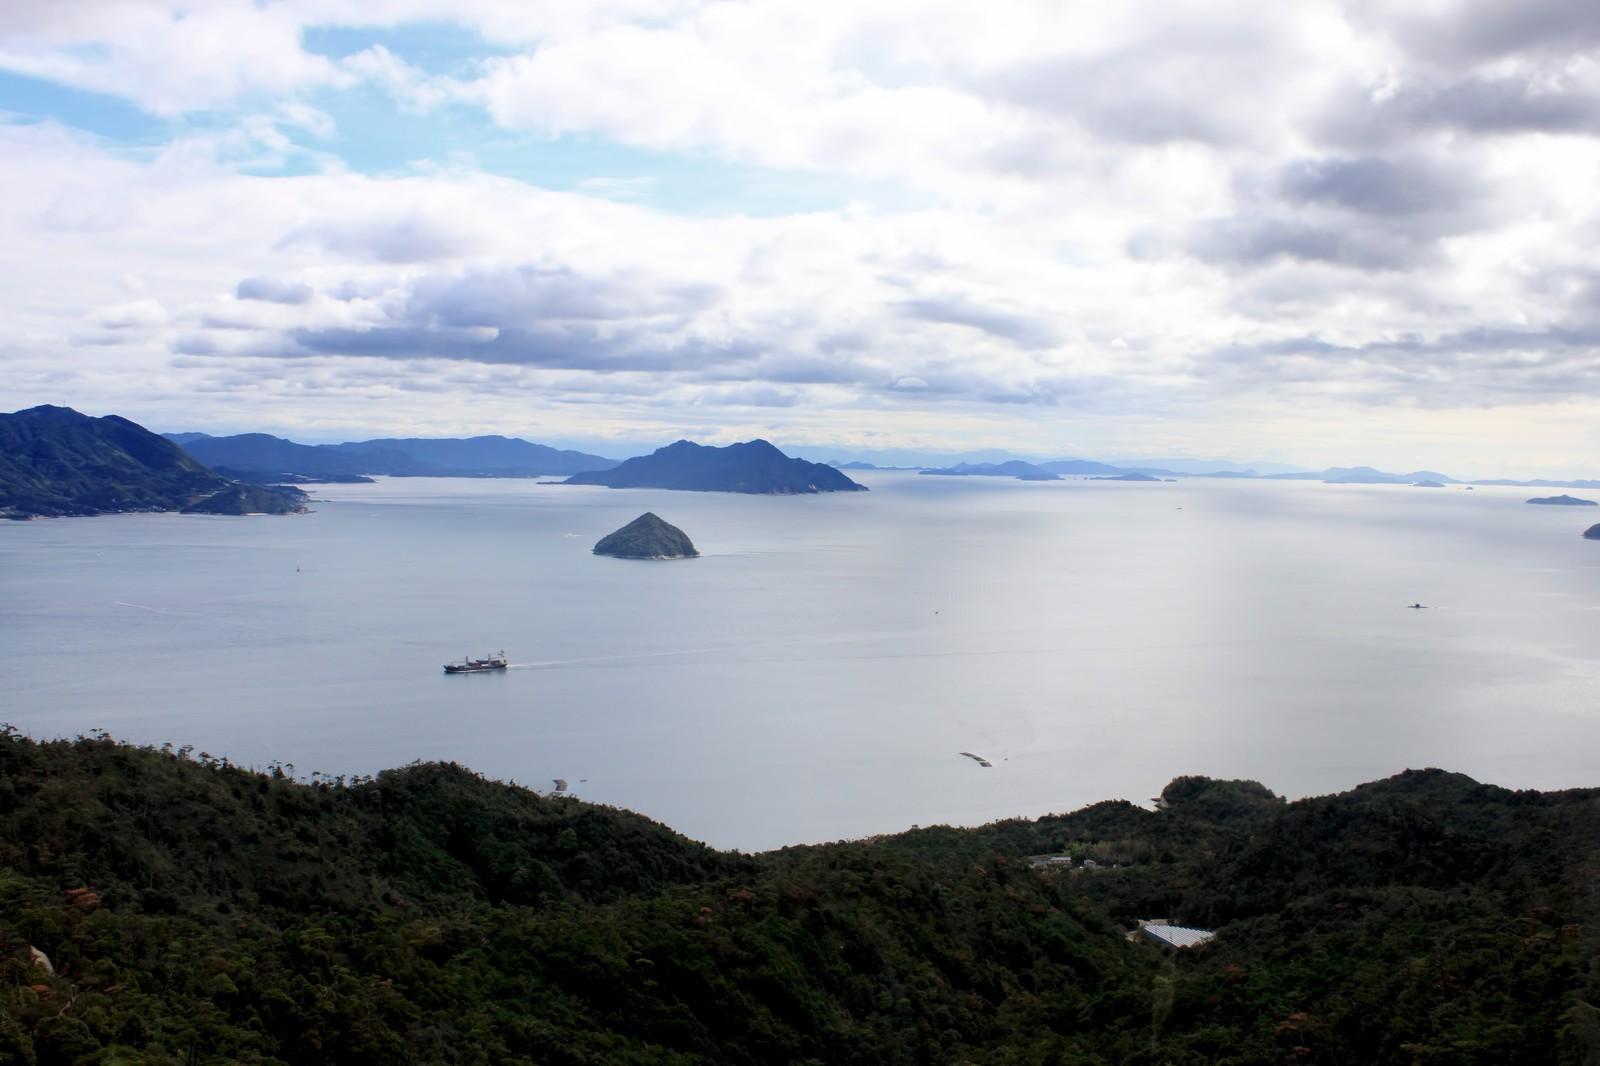 一泊二日 直島・豊島・犬島、無理なく楽しい観光ルート